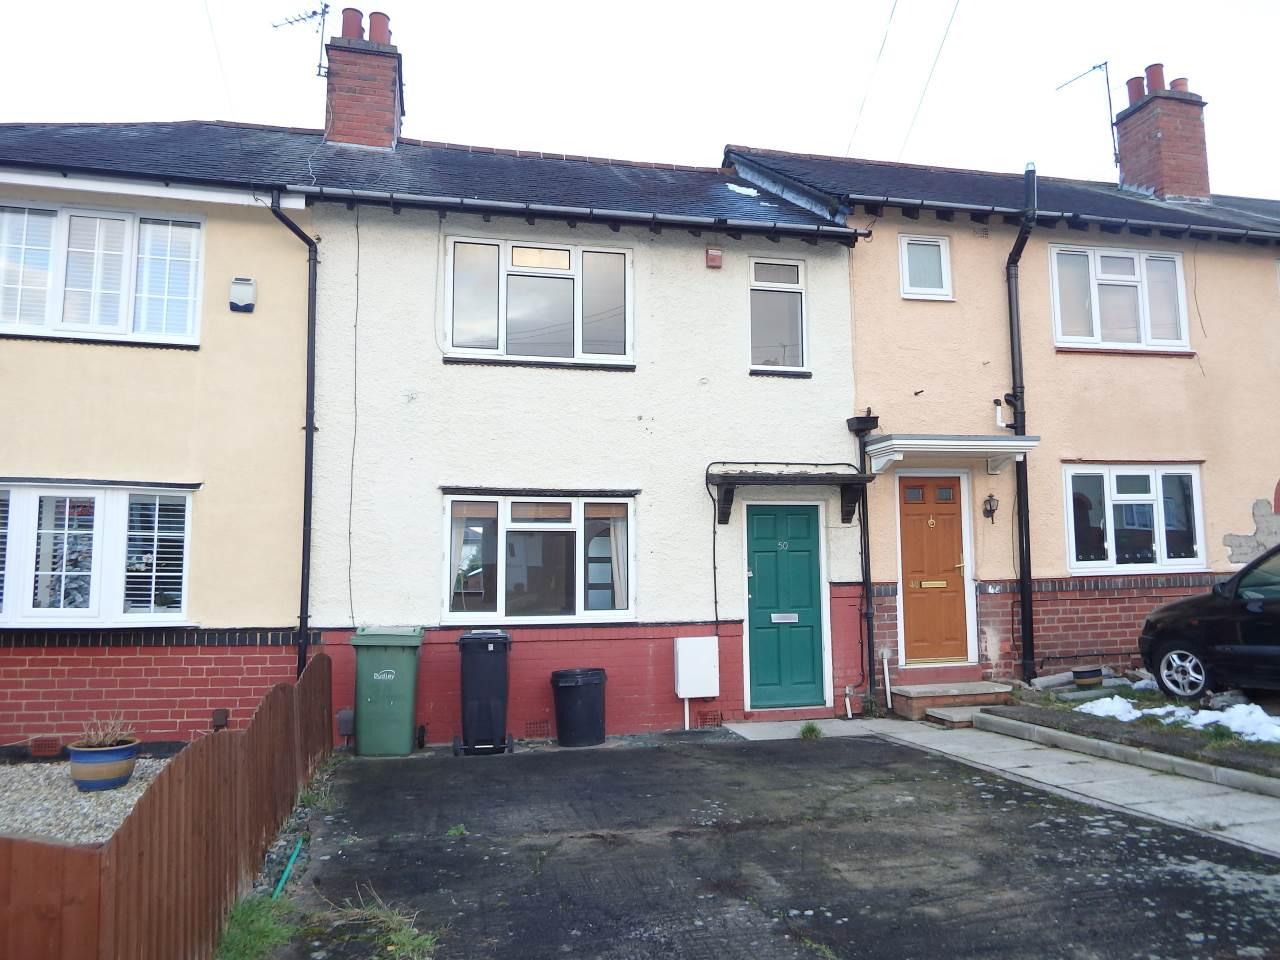 George Road, Halesowen, West Midlands